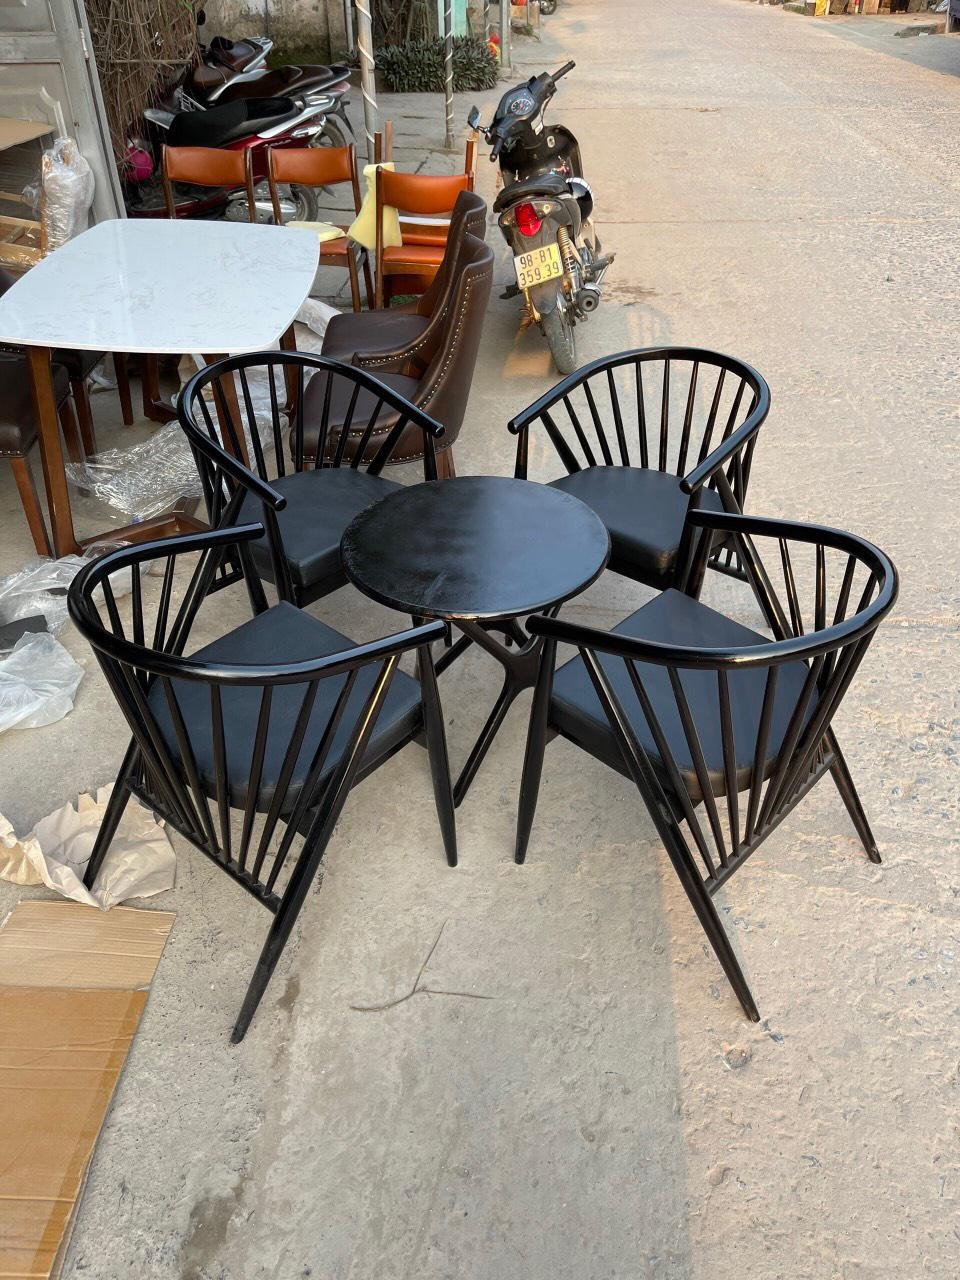 thanh lý bàn ghế cũ cafe giá rẻ